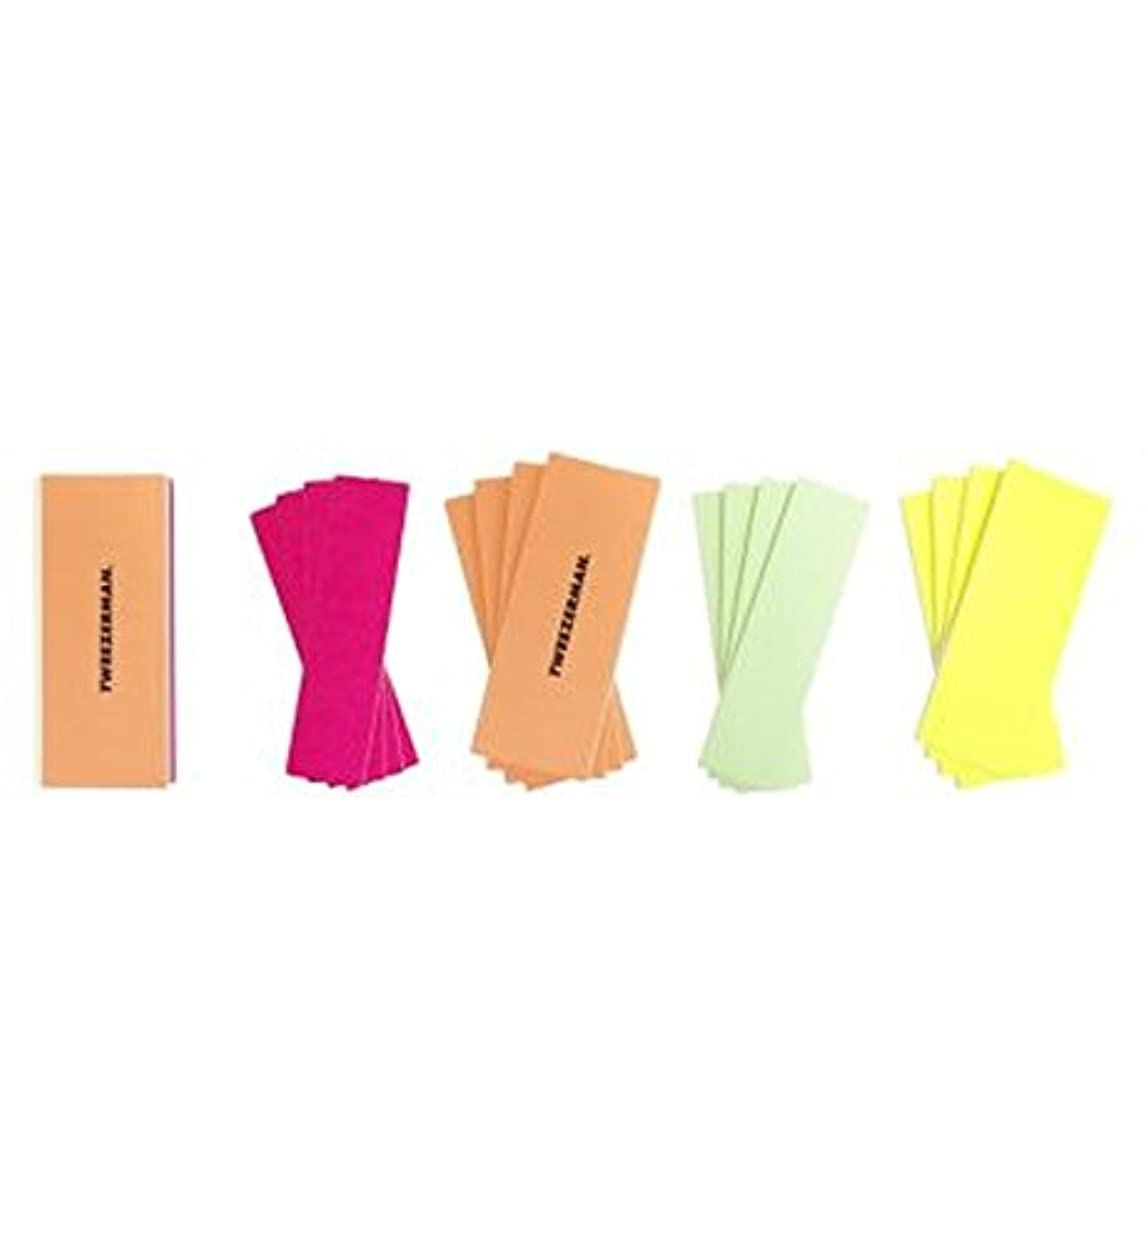 導入する最悪ようこそツィーザーマンネオンホットファイル、滑らかで、バフ&輝きブロック (Tweezerman) (x2) - Tweezerman Neon Hot File, Smooth, Buff & Shine Block (Pack of 2) [並行輸入品]